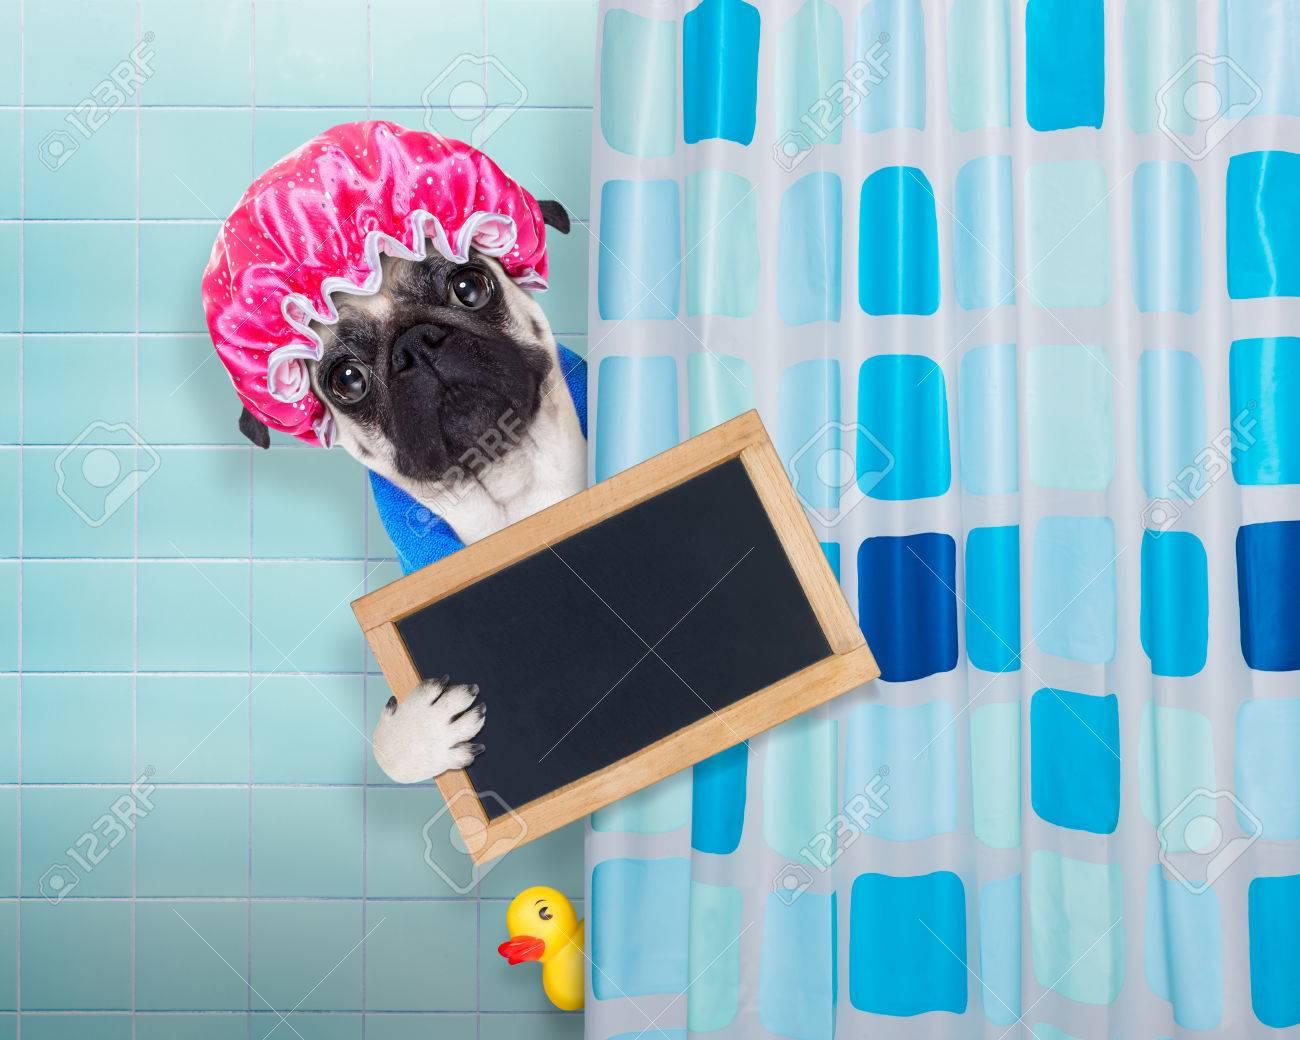 Vasca Da Bagno Con Tenda : Pug cane in una vasca da bagno non così divertito a tale proposito